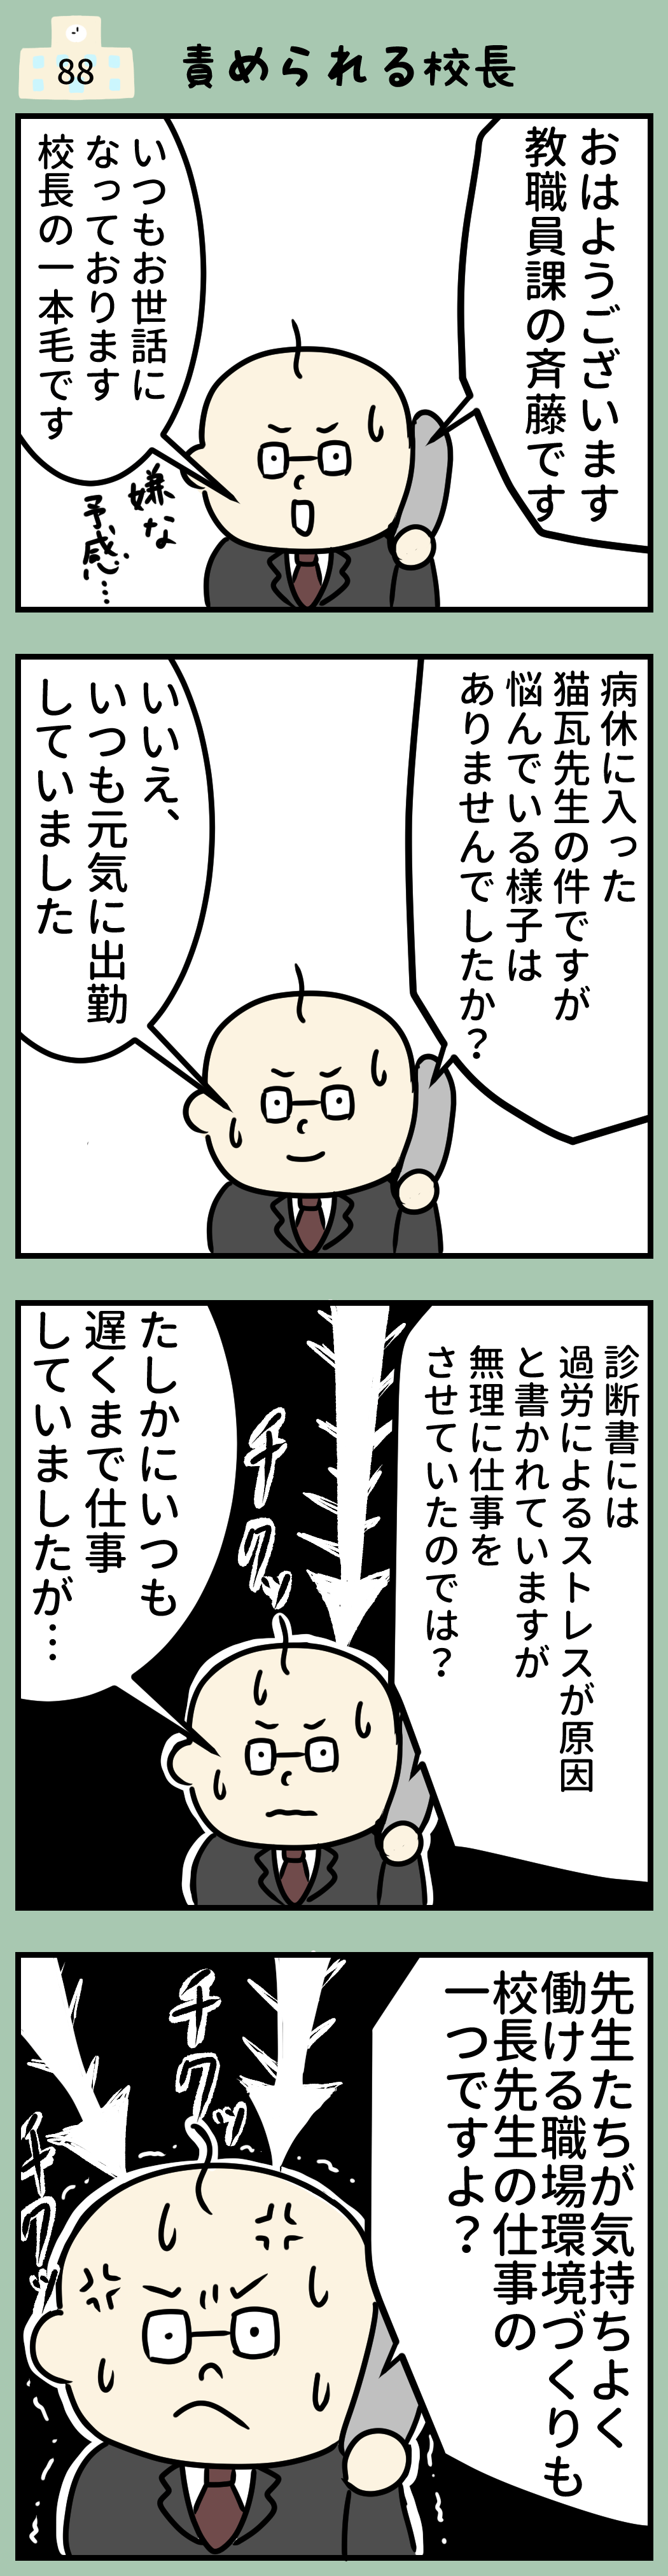 校長と教育委員会